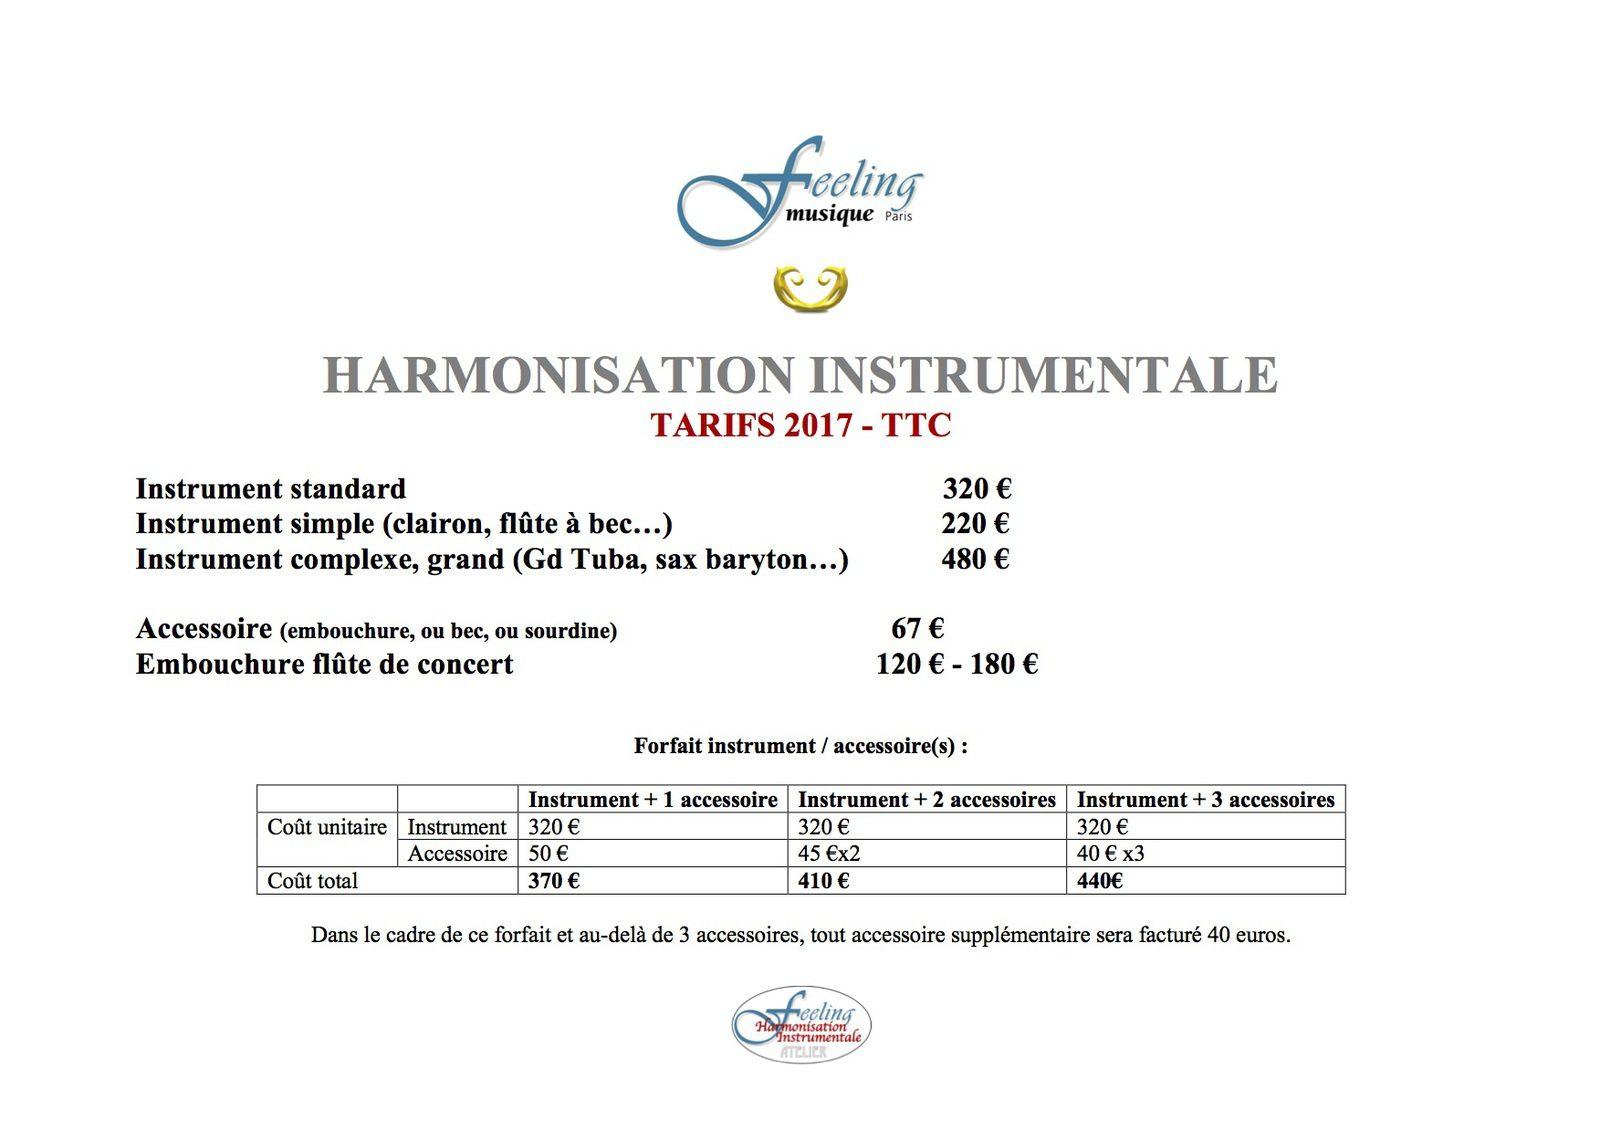 HARMONISATION FEELING : l'étonnante transformation des instruments à vent